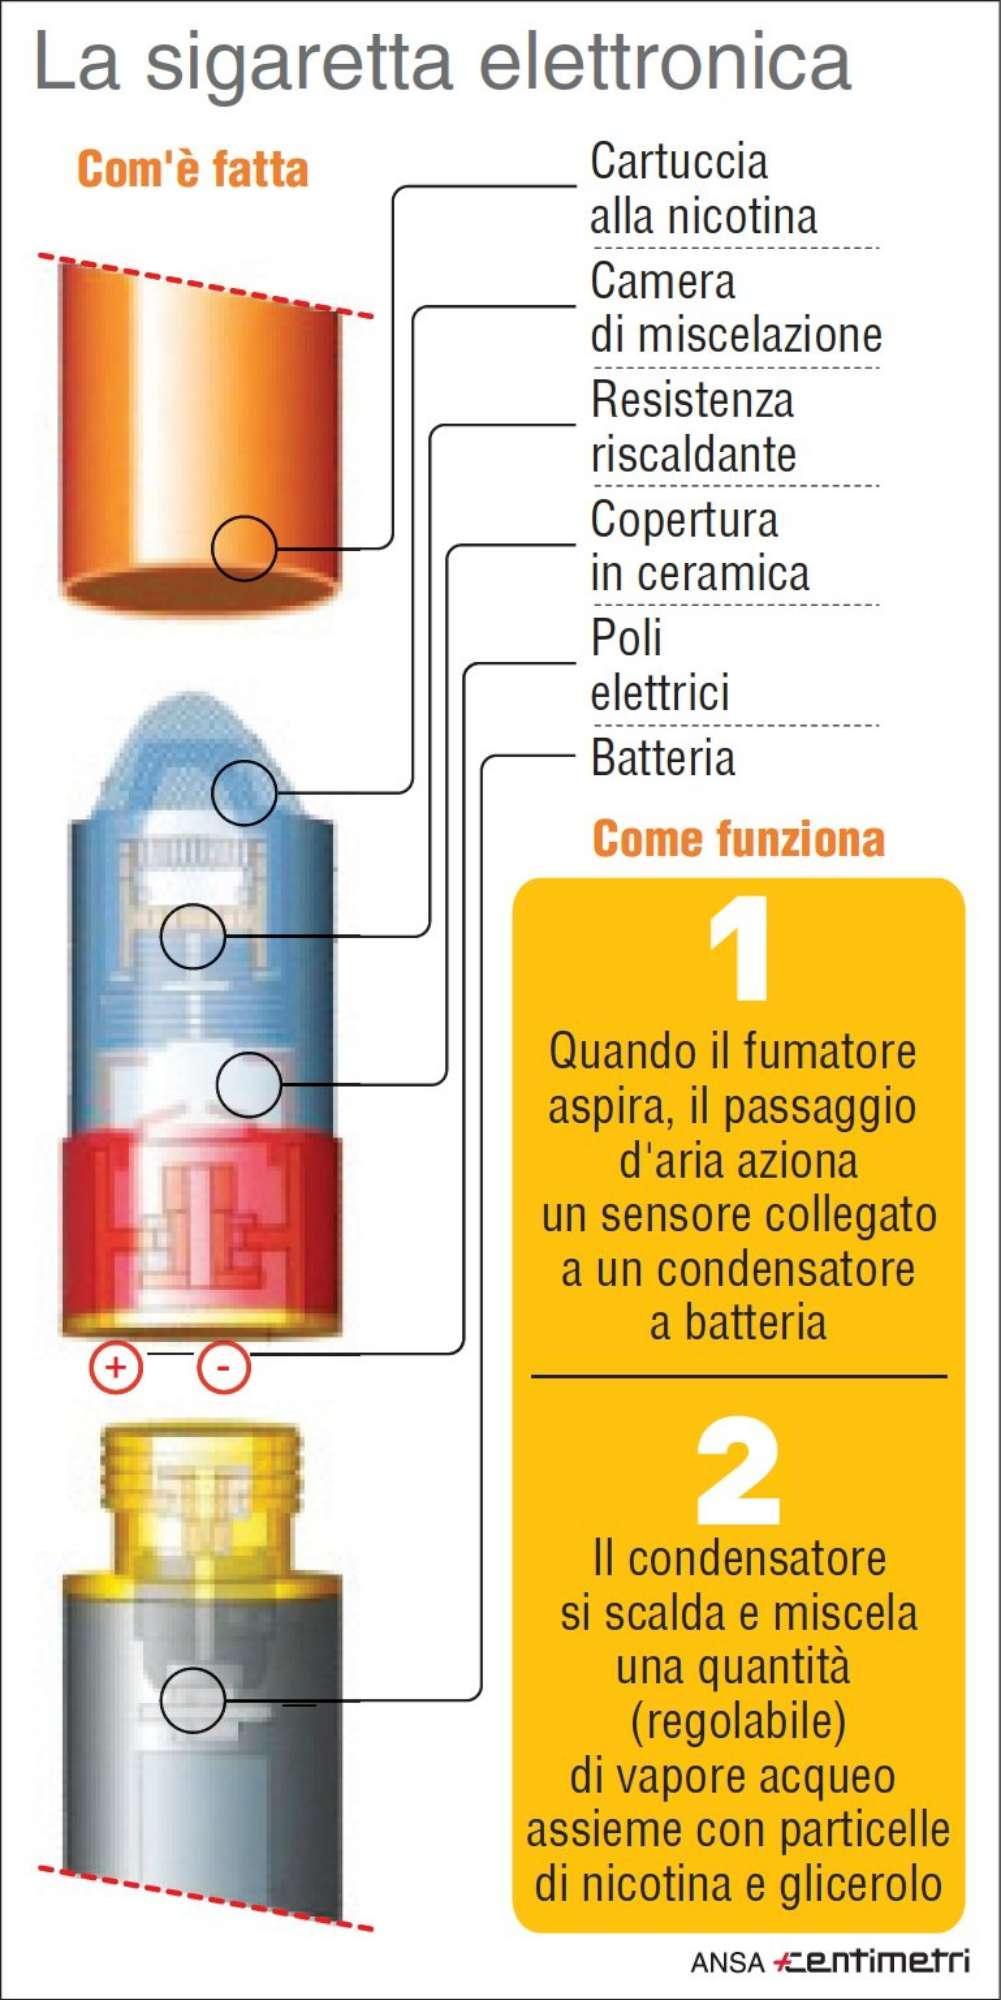 Sigaretta elettronica: ecco come funziona